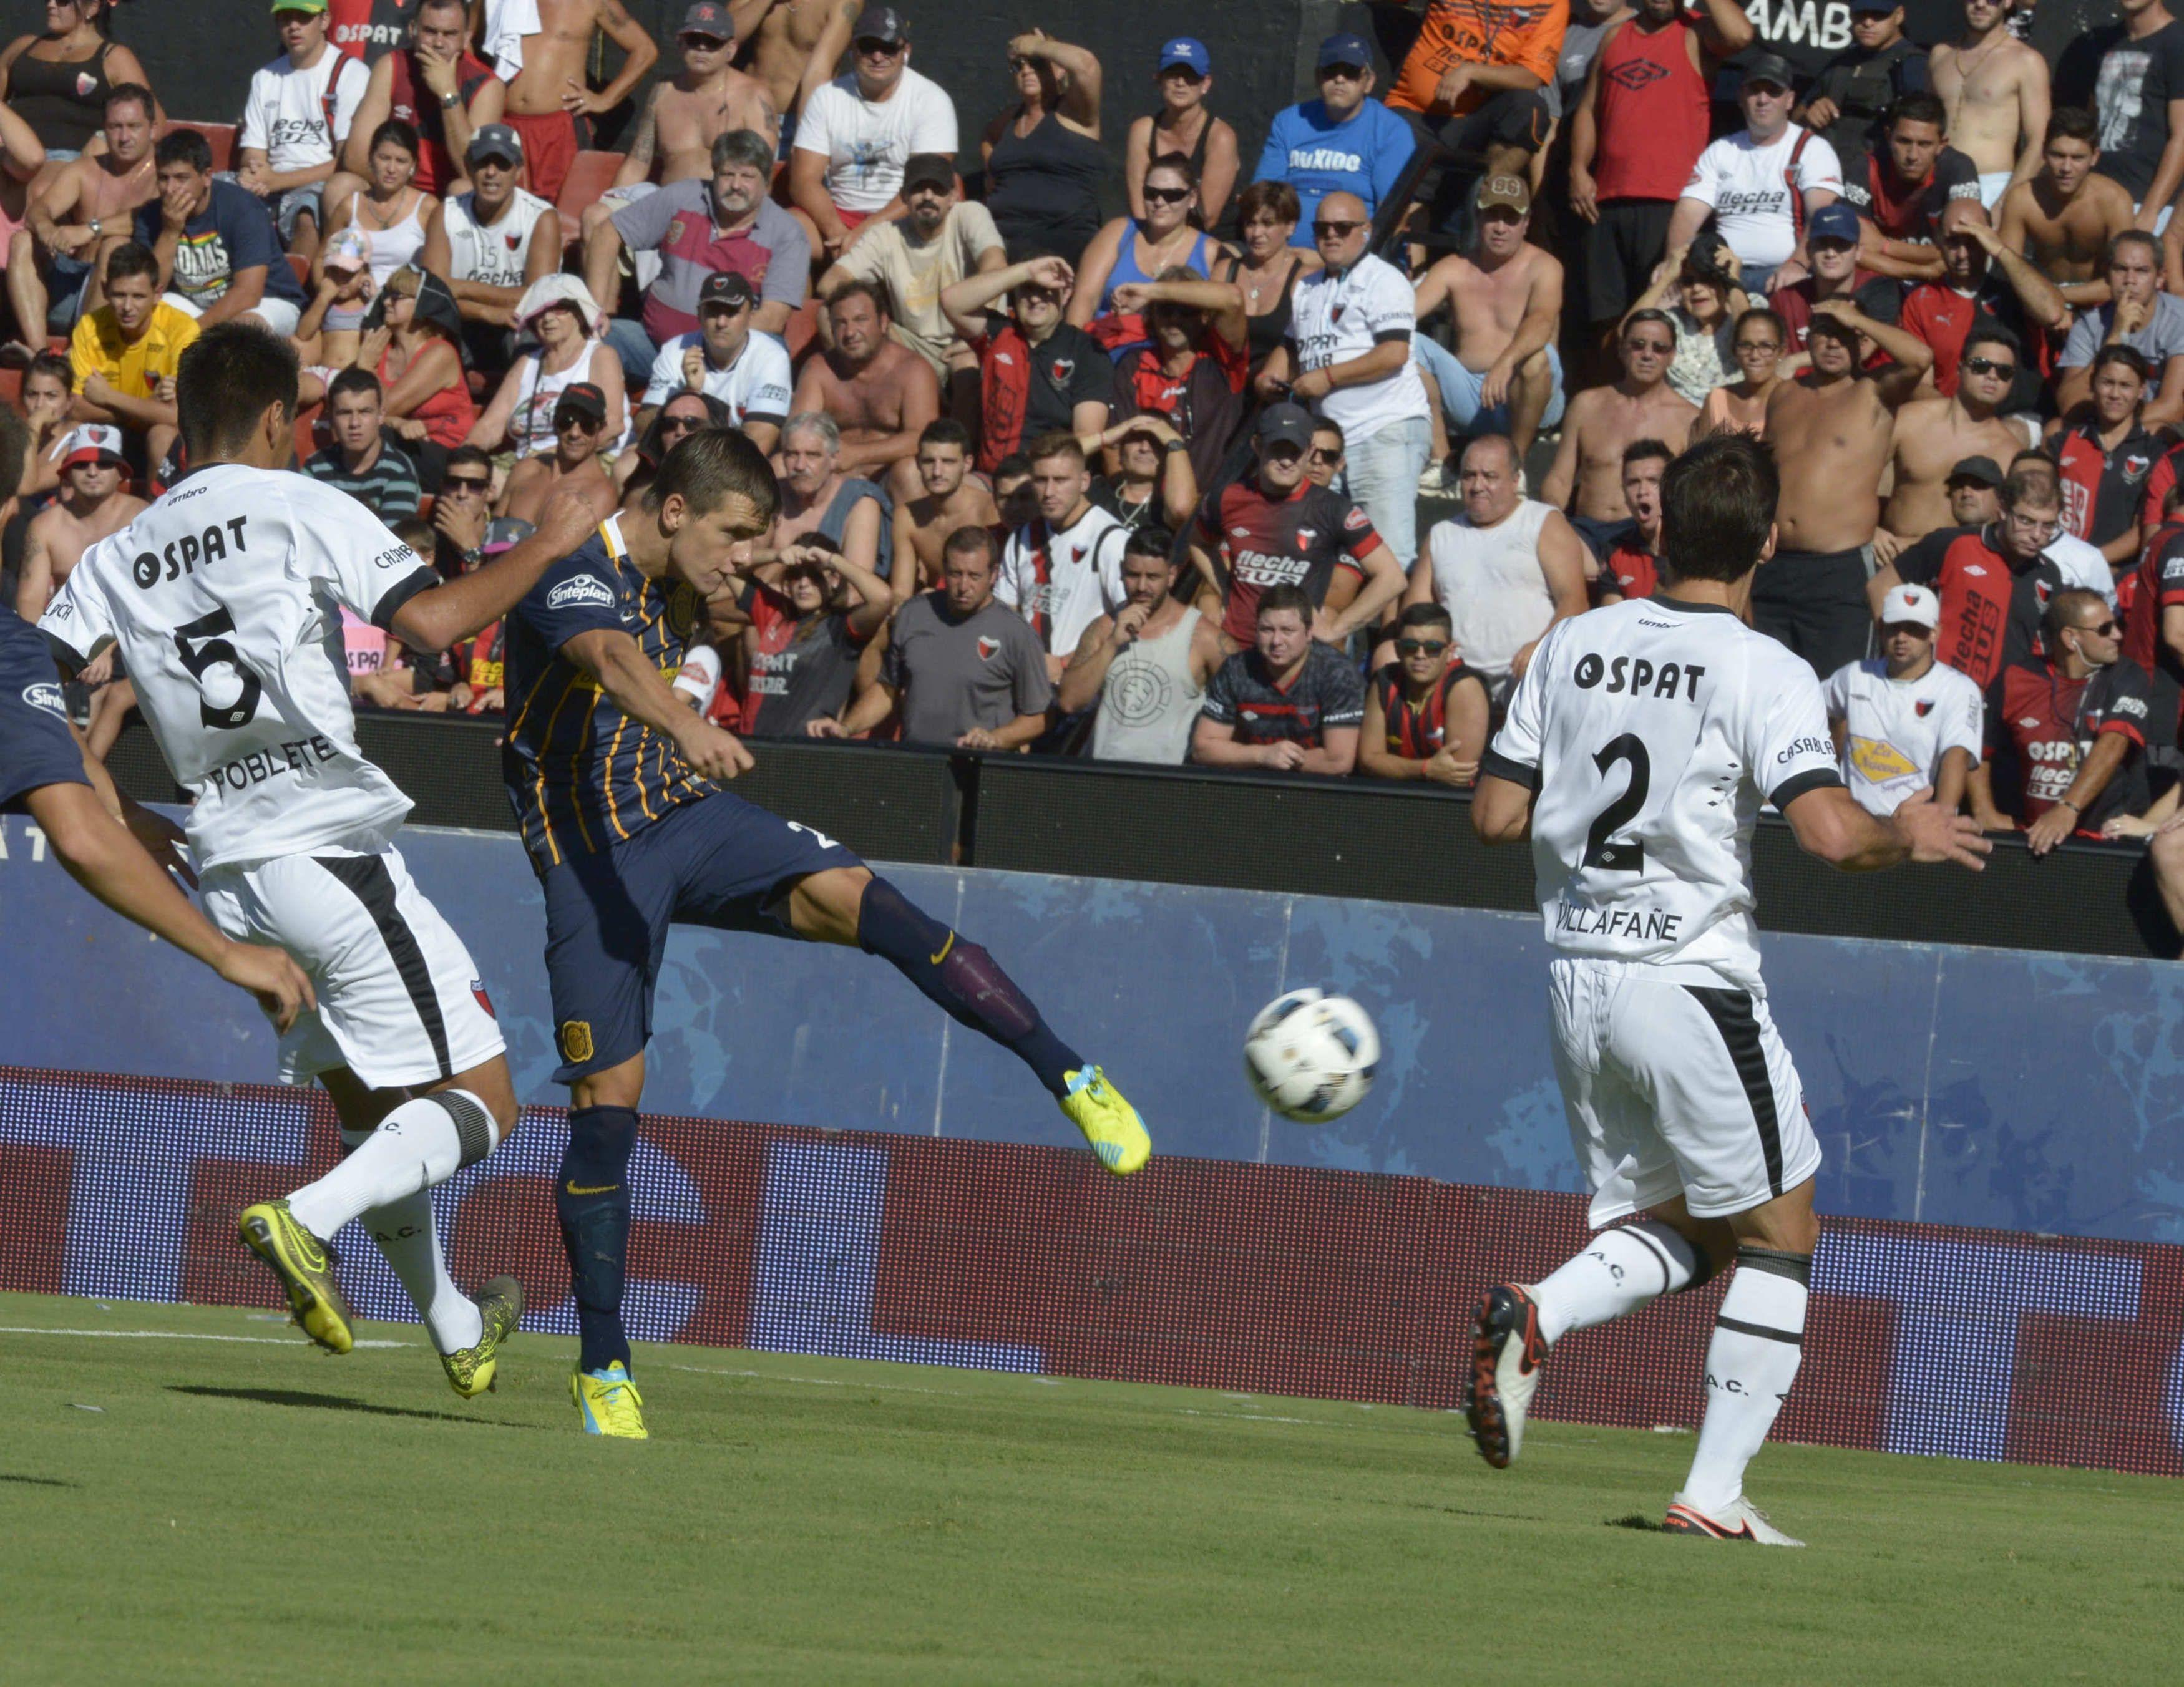 El desahogo de Lo Celso, el crack que convirtió su primer gol en la primera canalla